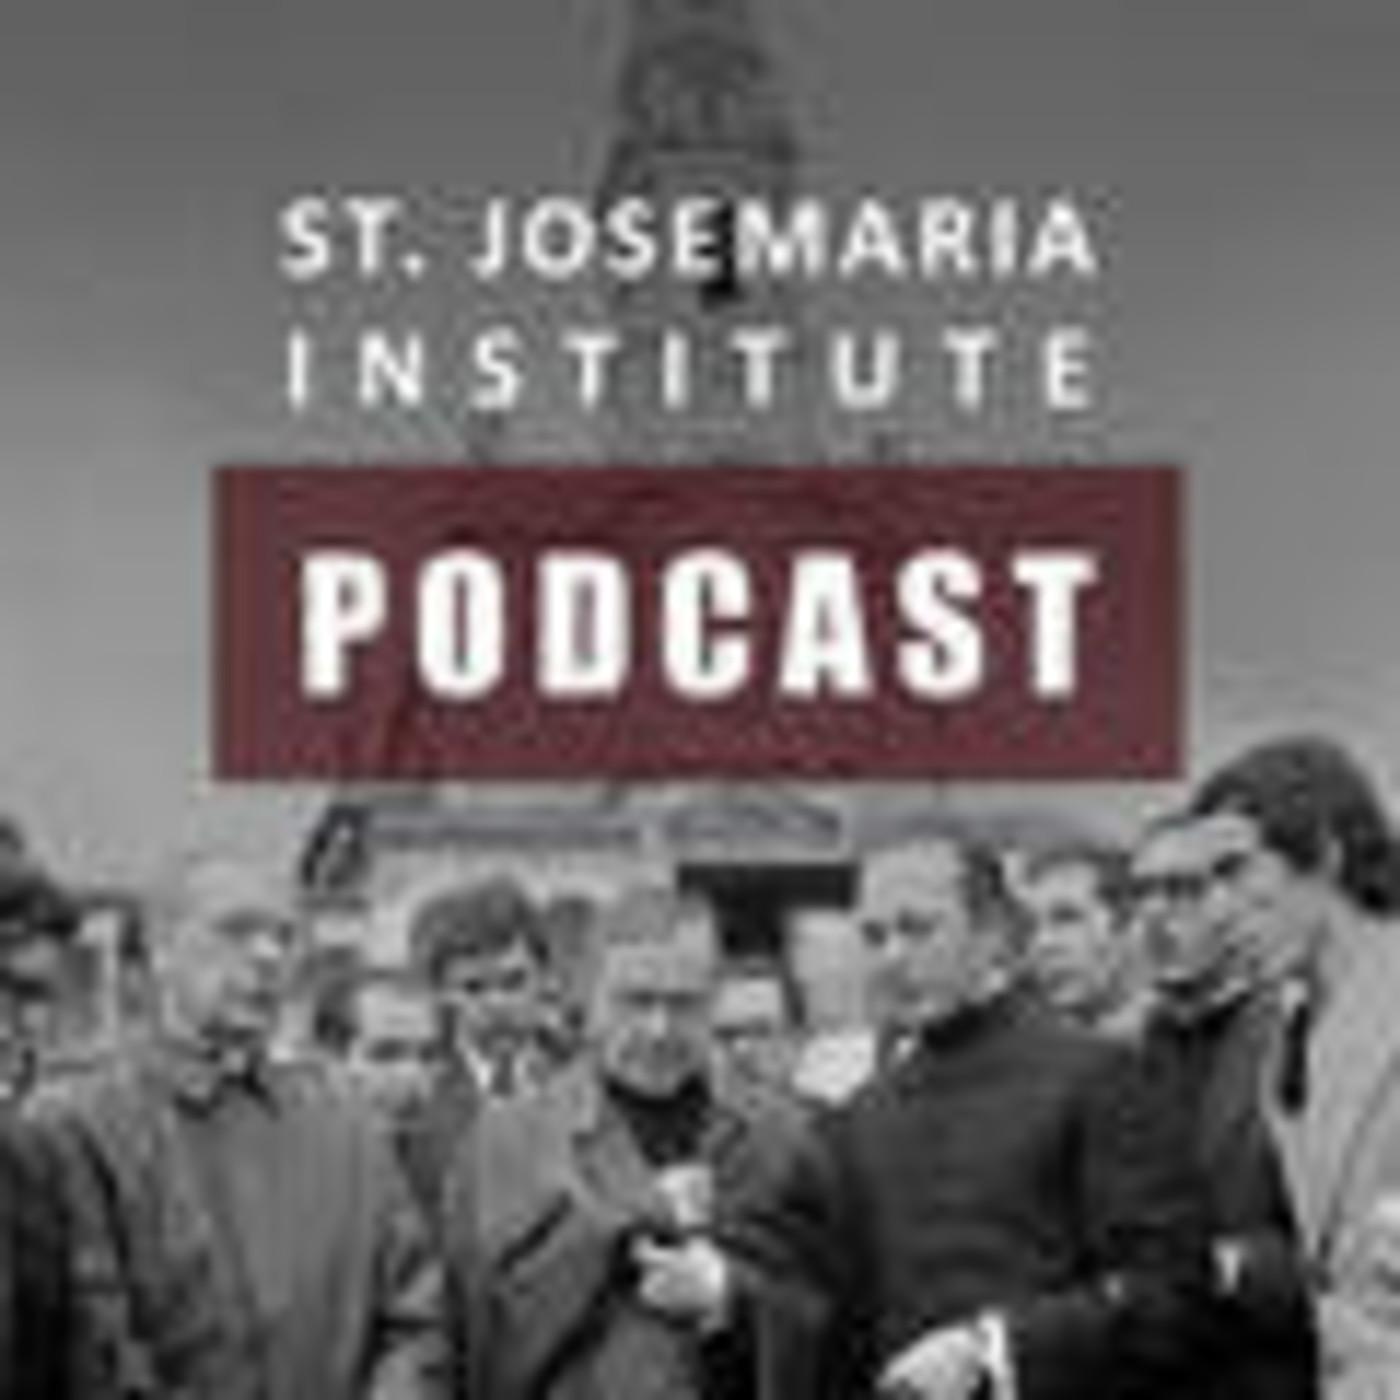 St. Josemaria Institute